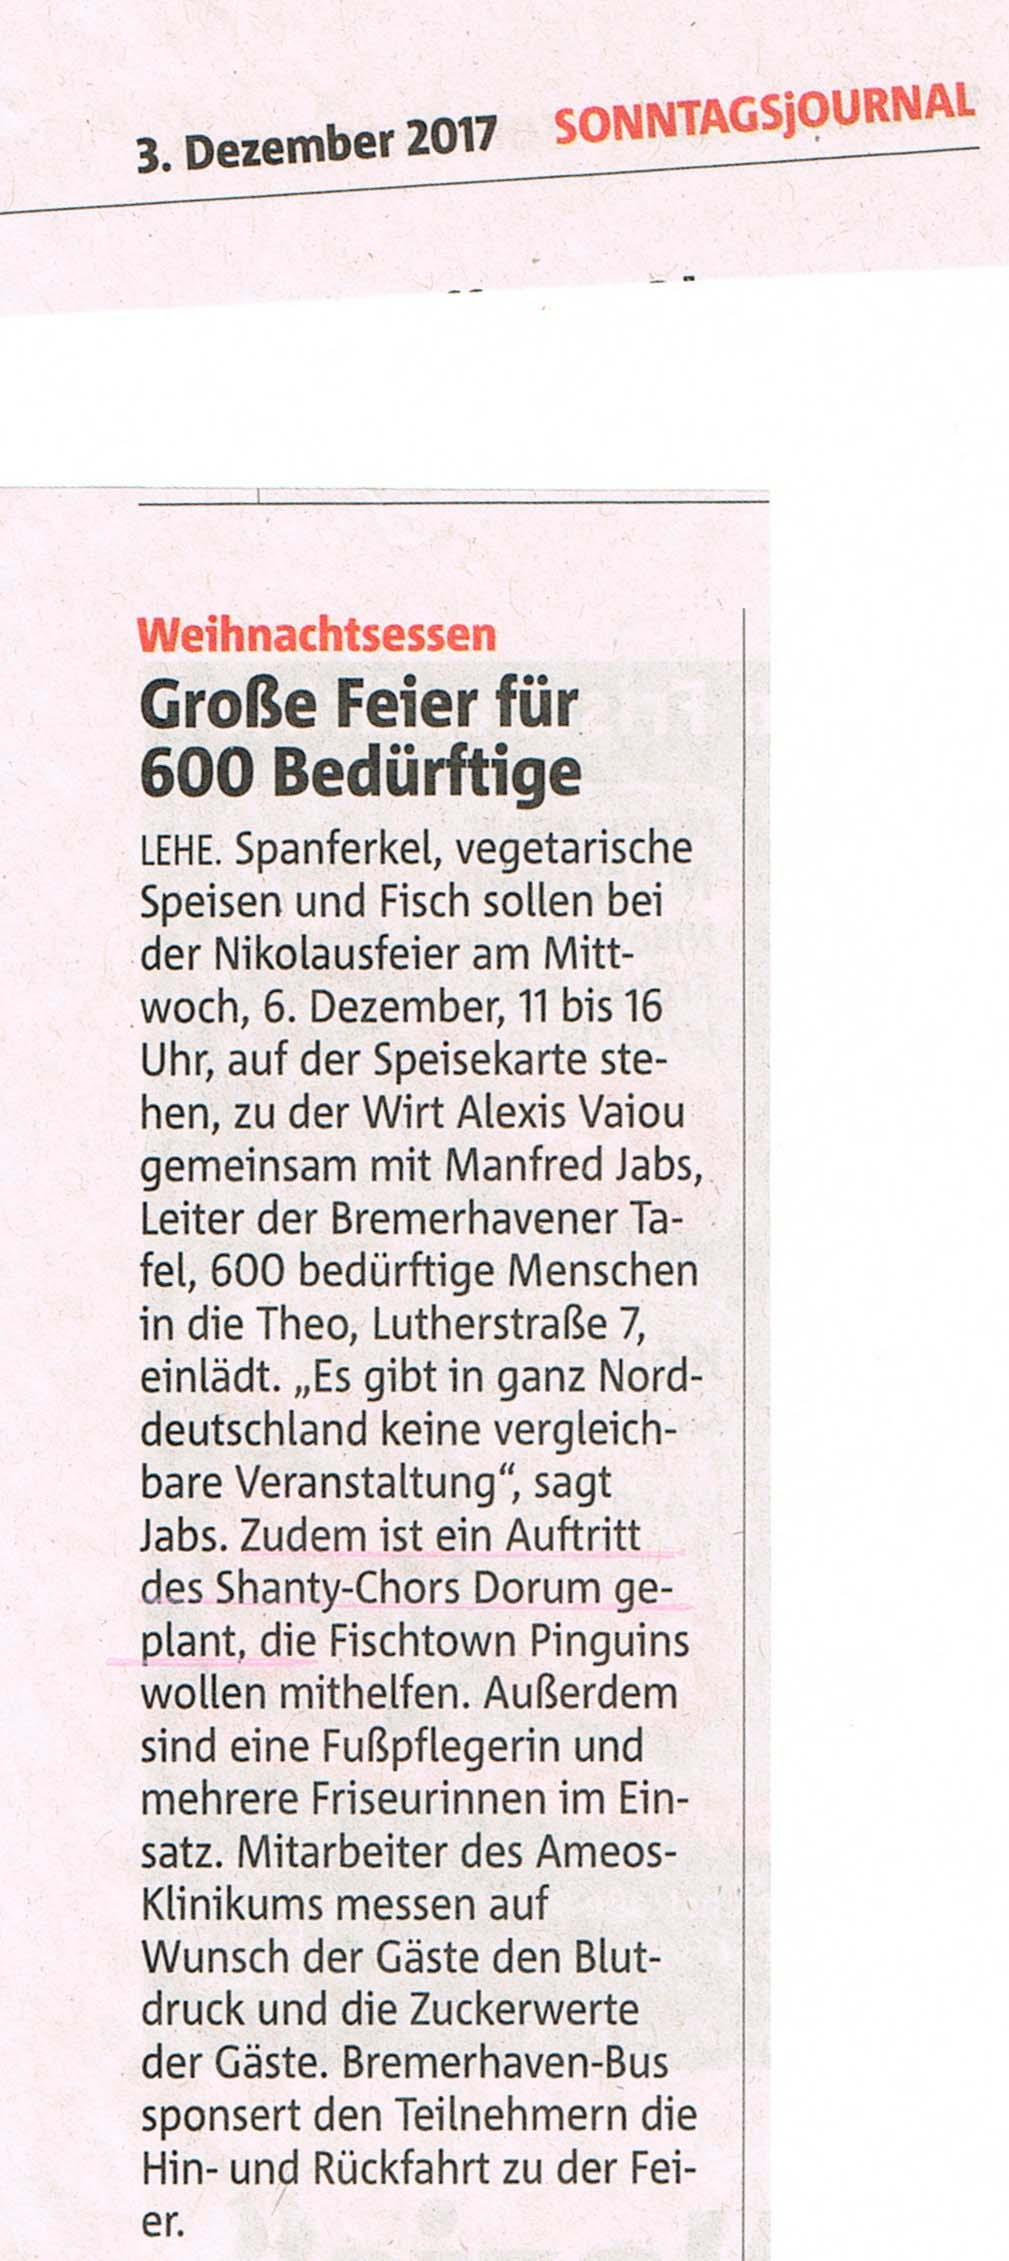 Presse 6 neu Grosse Feier f├╝r 600 Bed├╝rftige in Bremerhaven